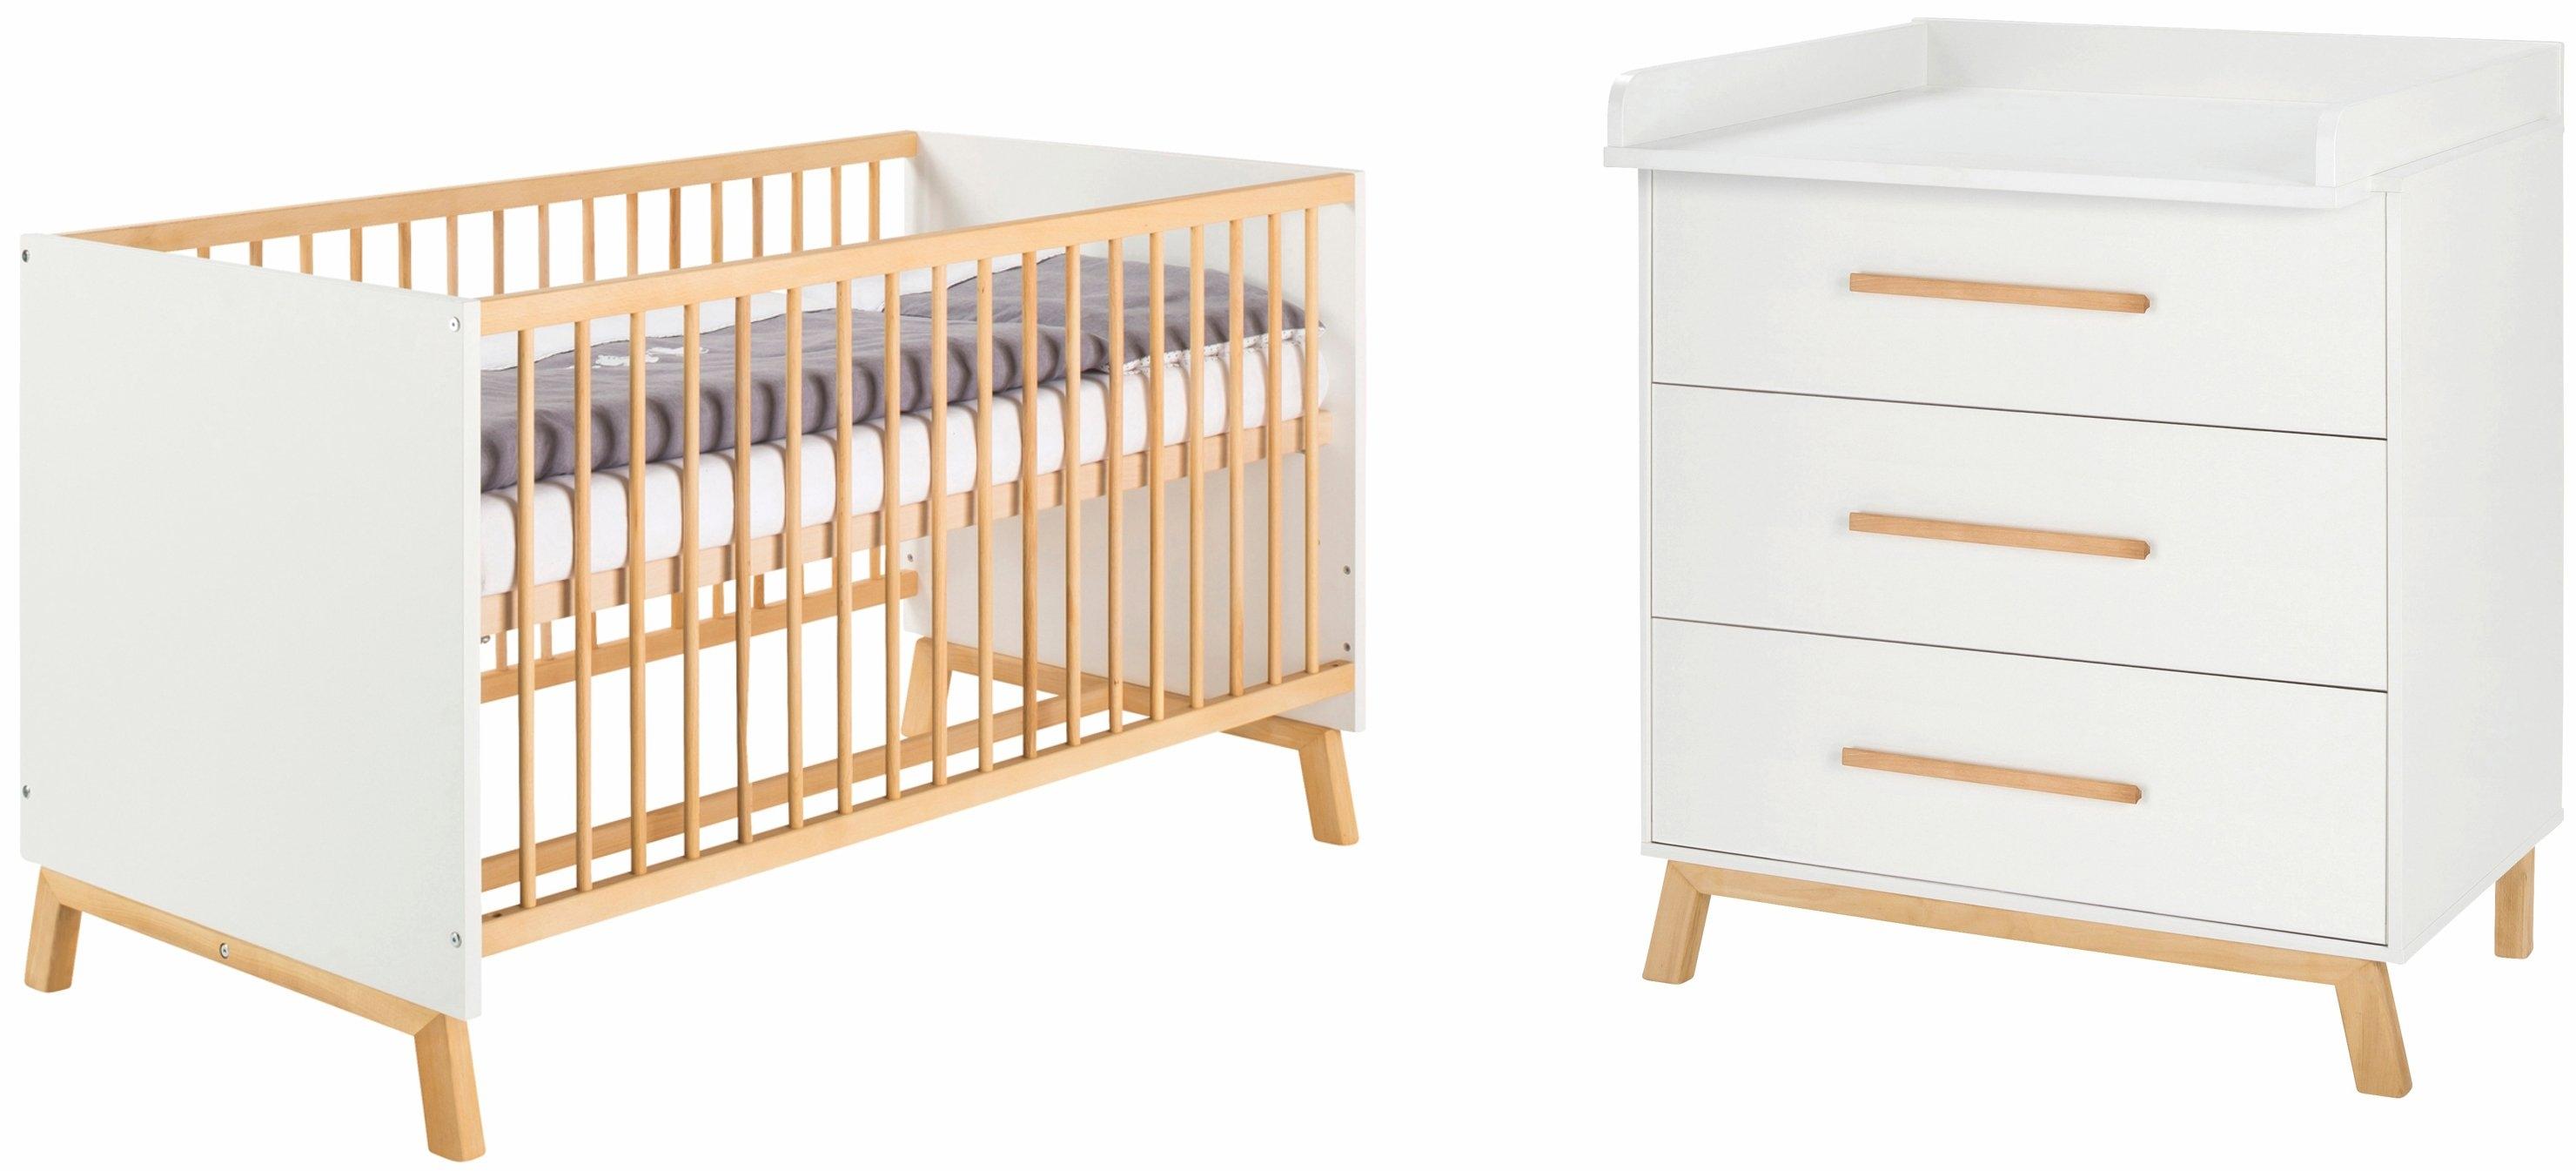 Schardt babymeubelset Sienna White (voordeelset, 2 stuks) nu online kopen bij OTTO